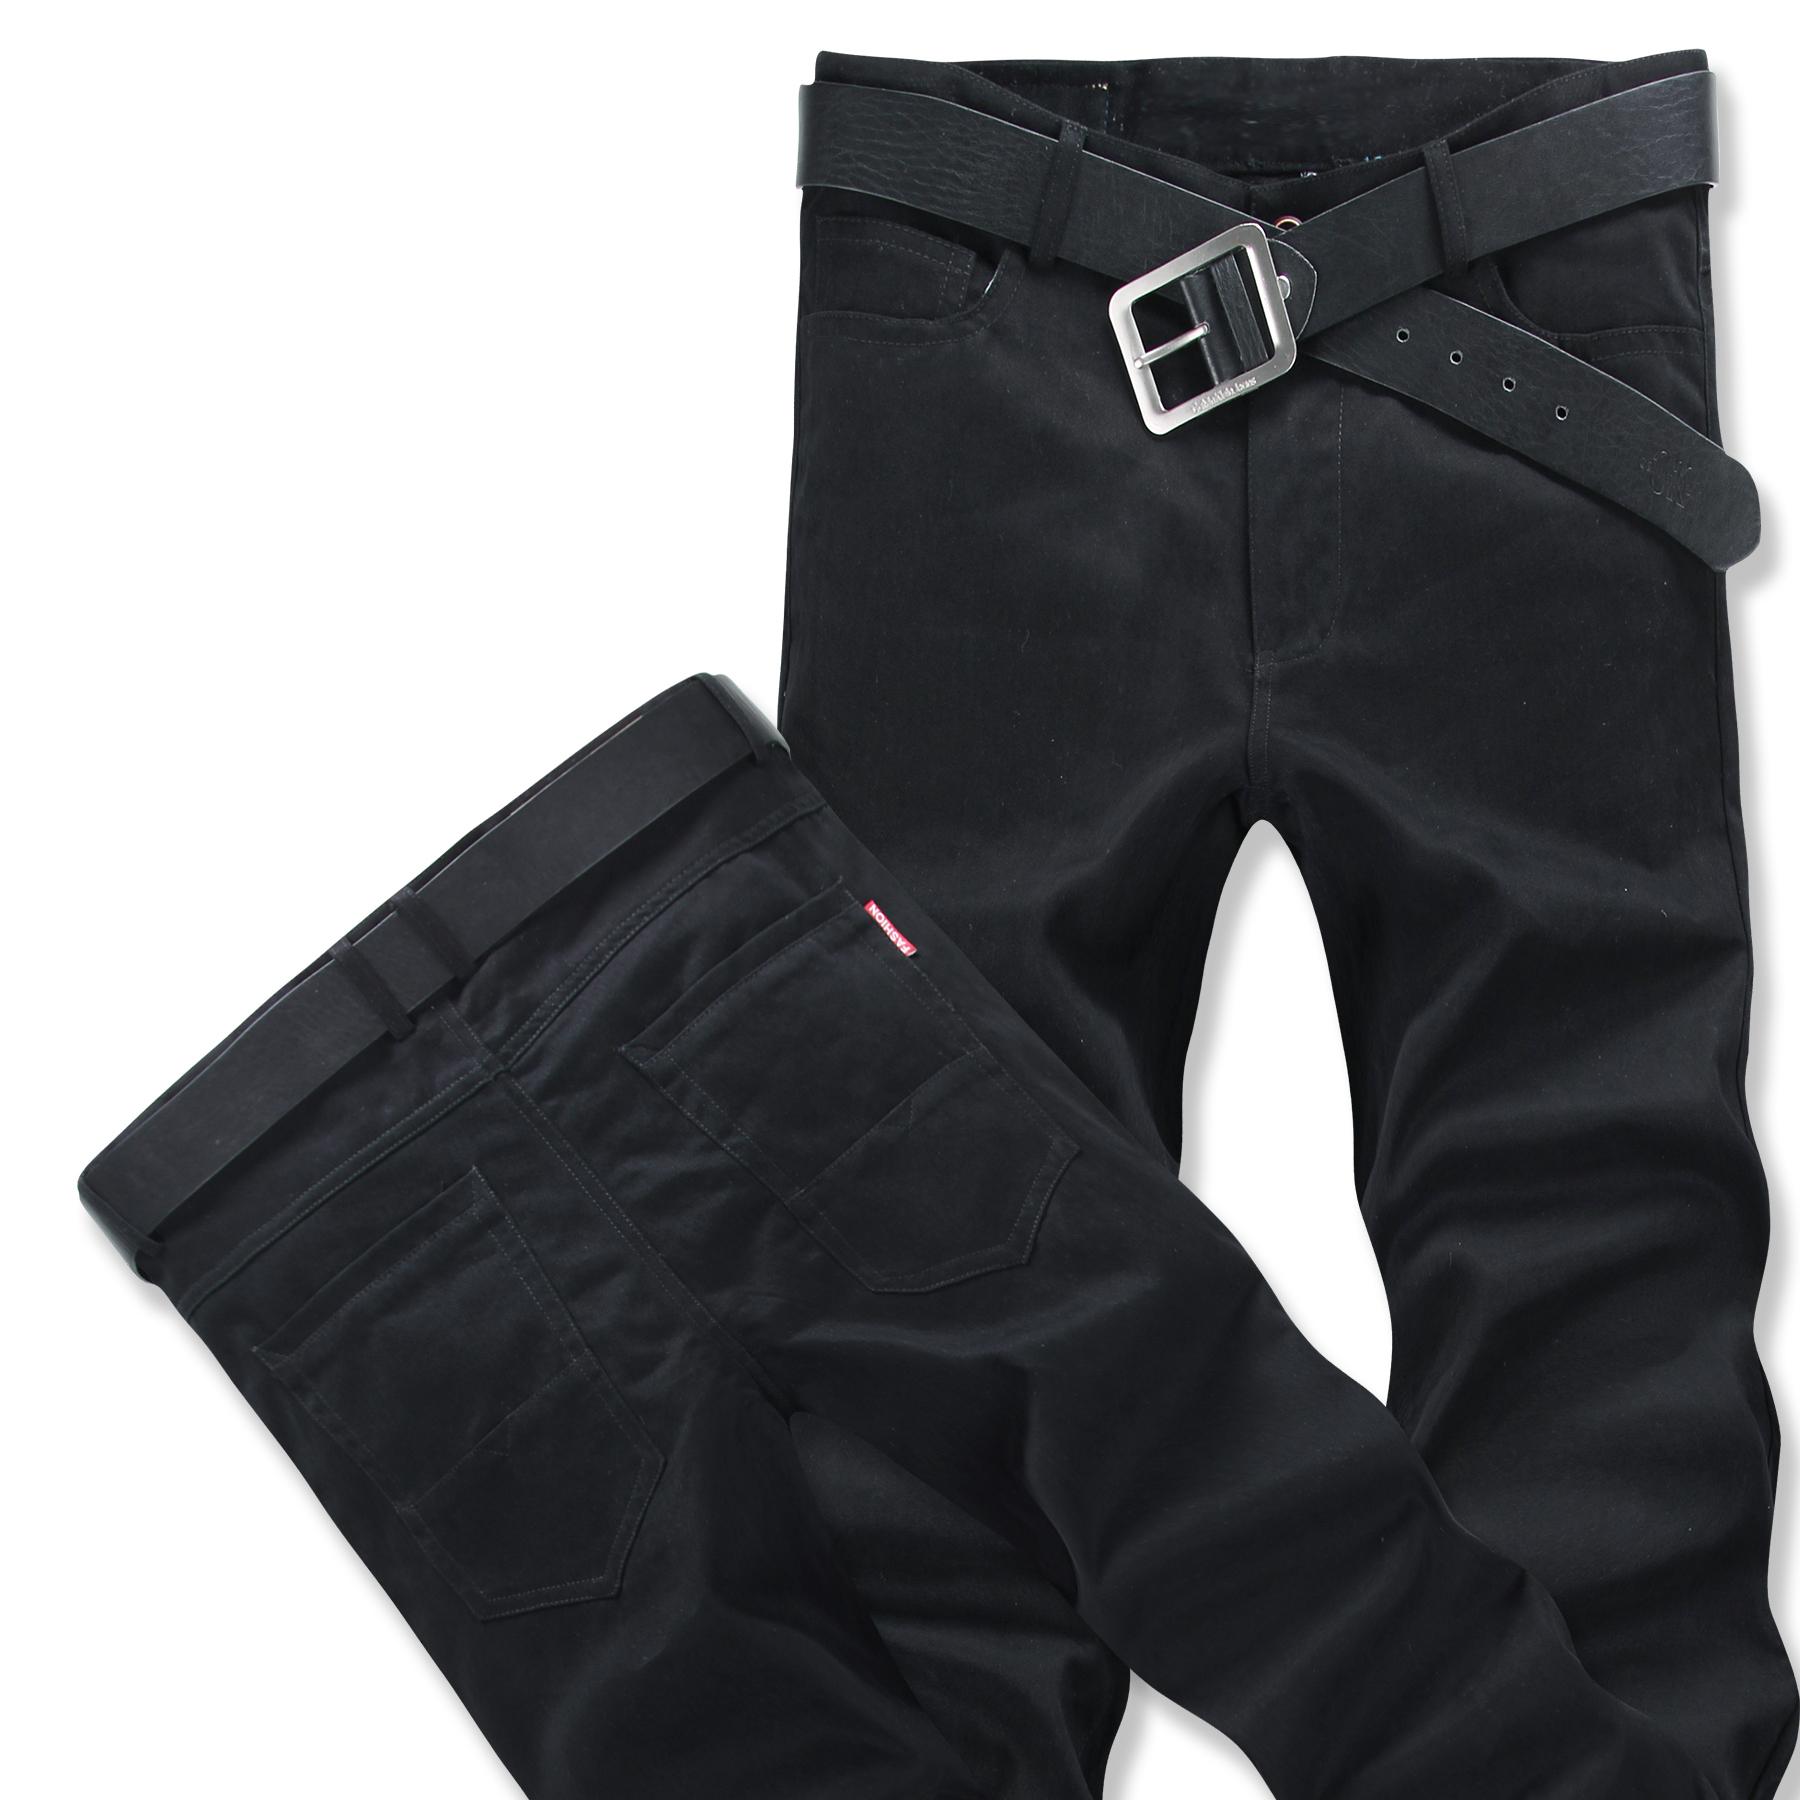 enperse/弗恒韩版男士休闲裤纯色青年工装裤长裤大码纯棉裤子